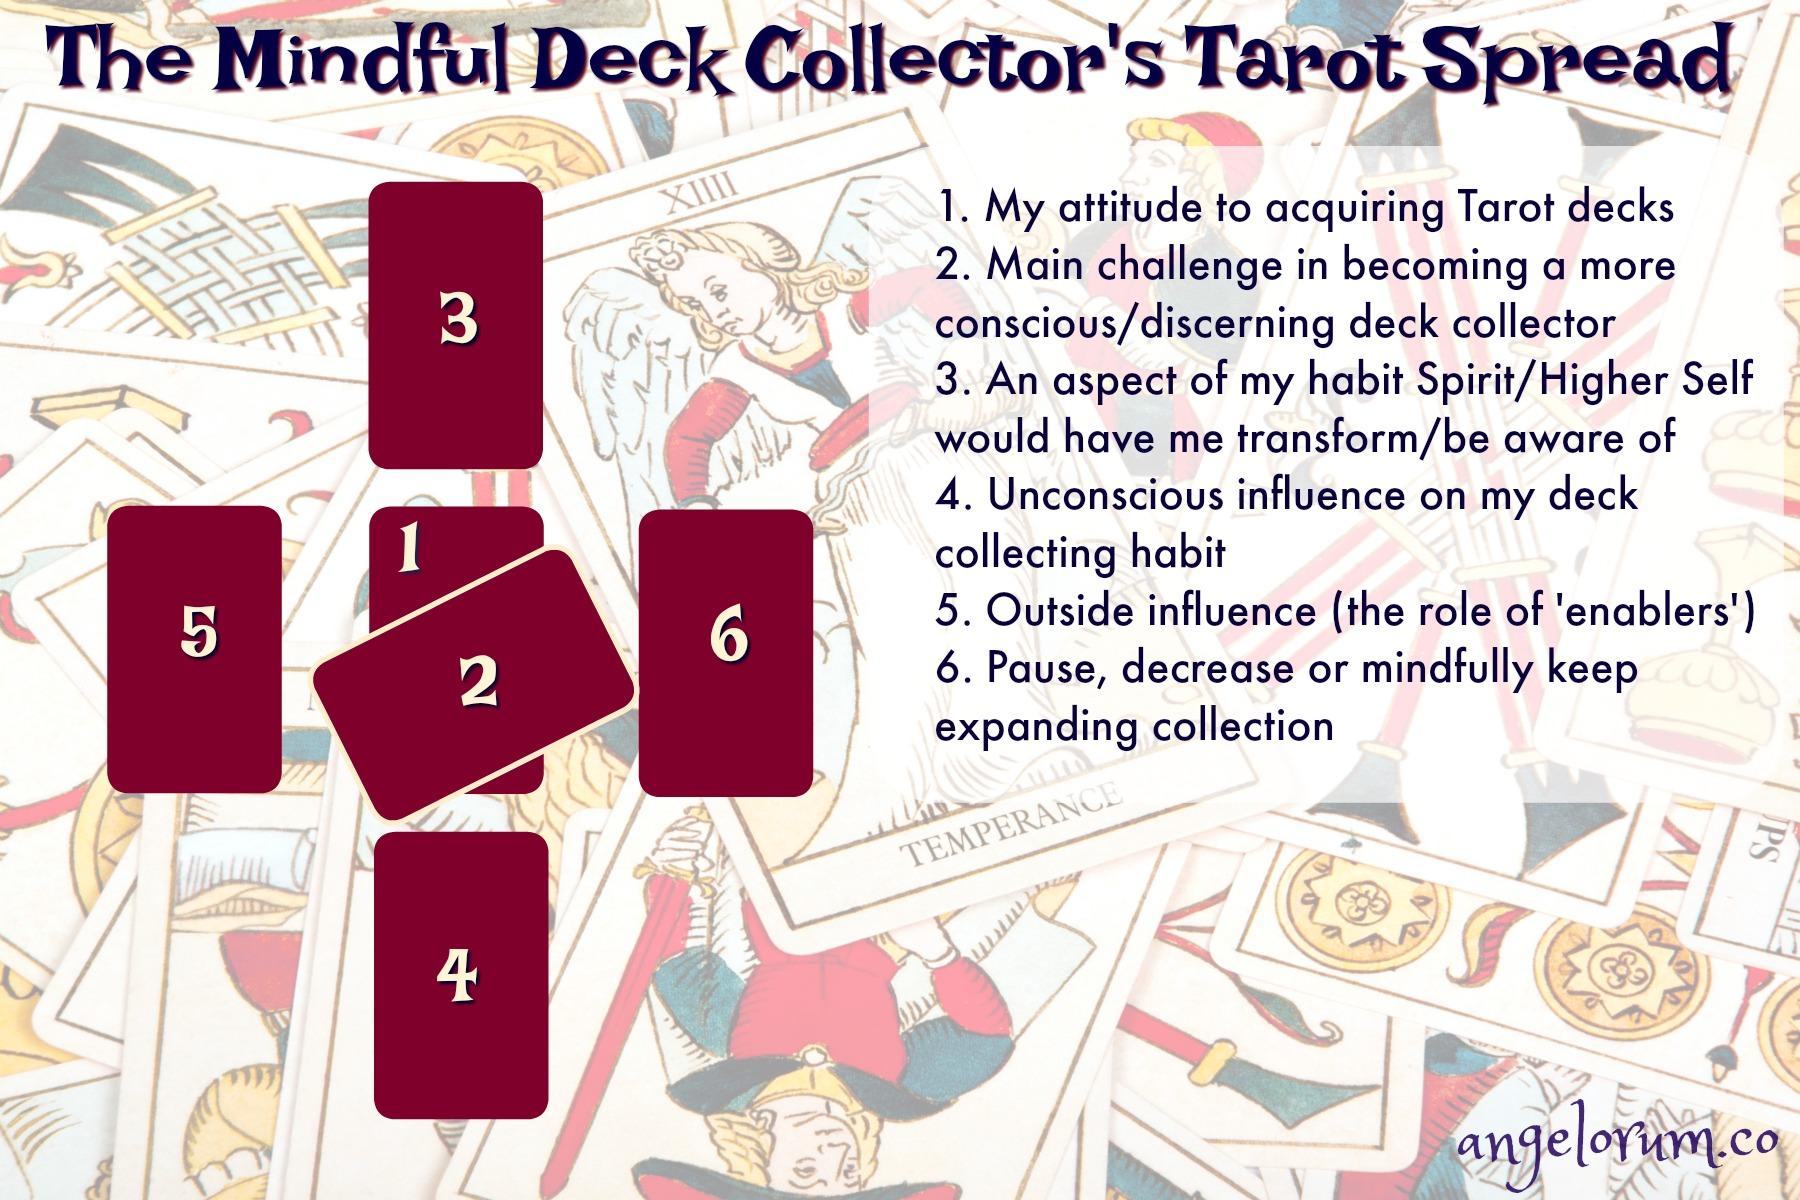 La propagación del tarot del colector de la cubierta consciente The-Mindful-Deck-Collectors-Tarot-Spread